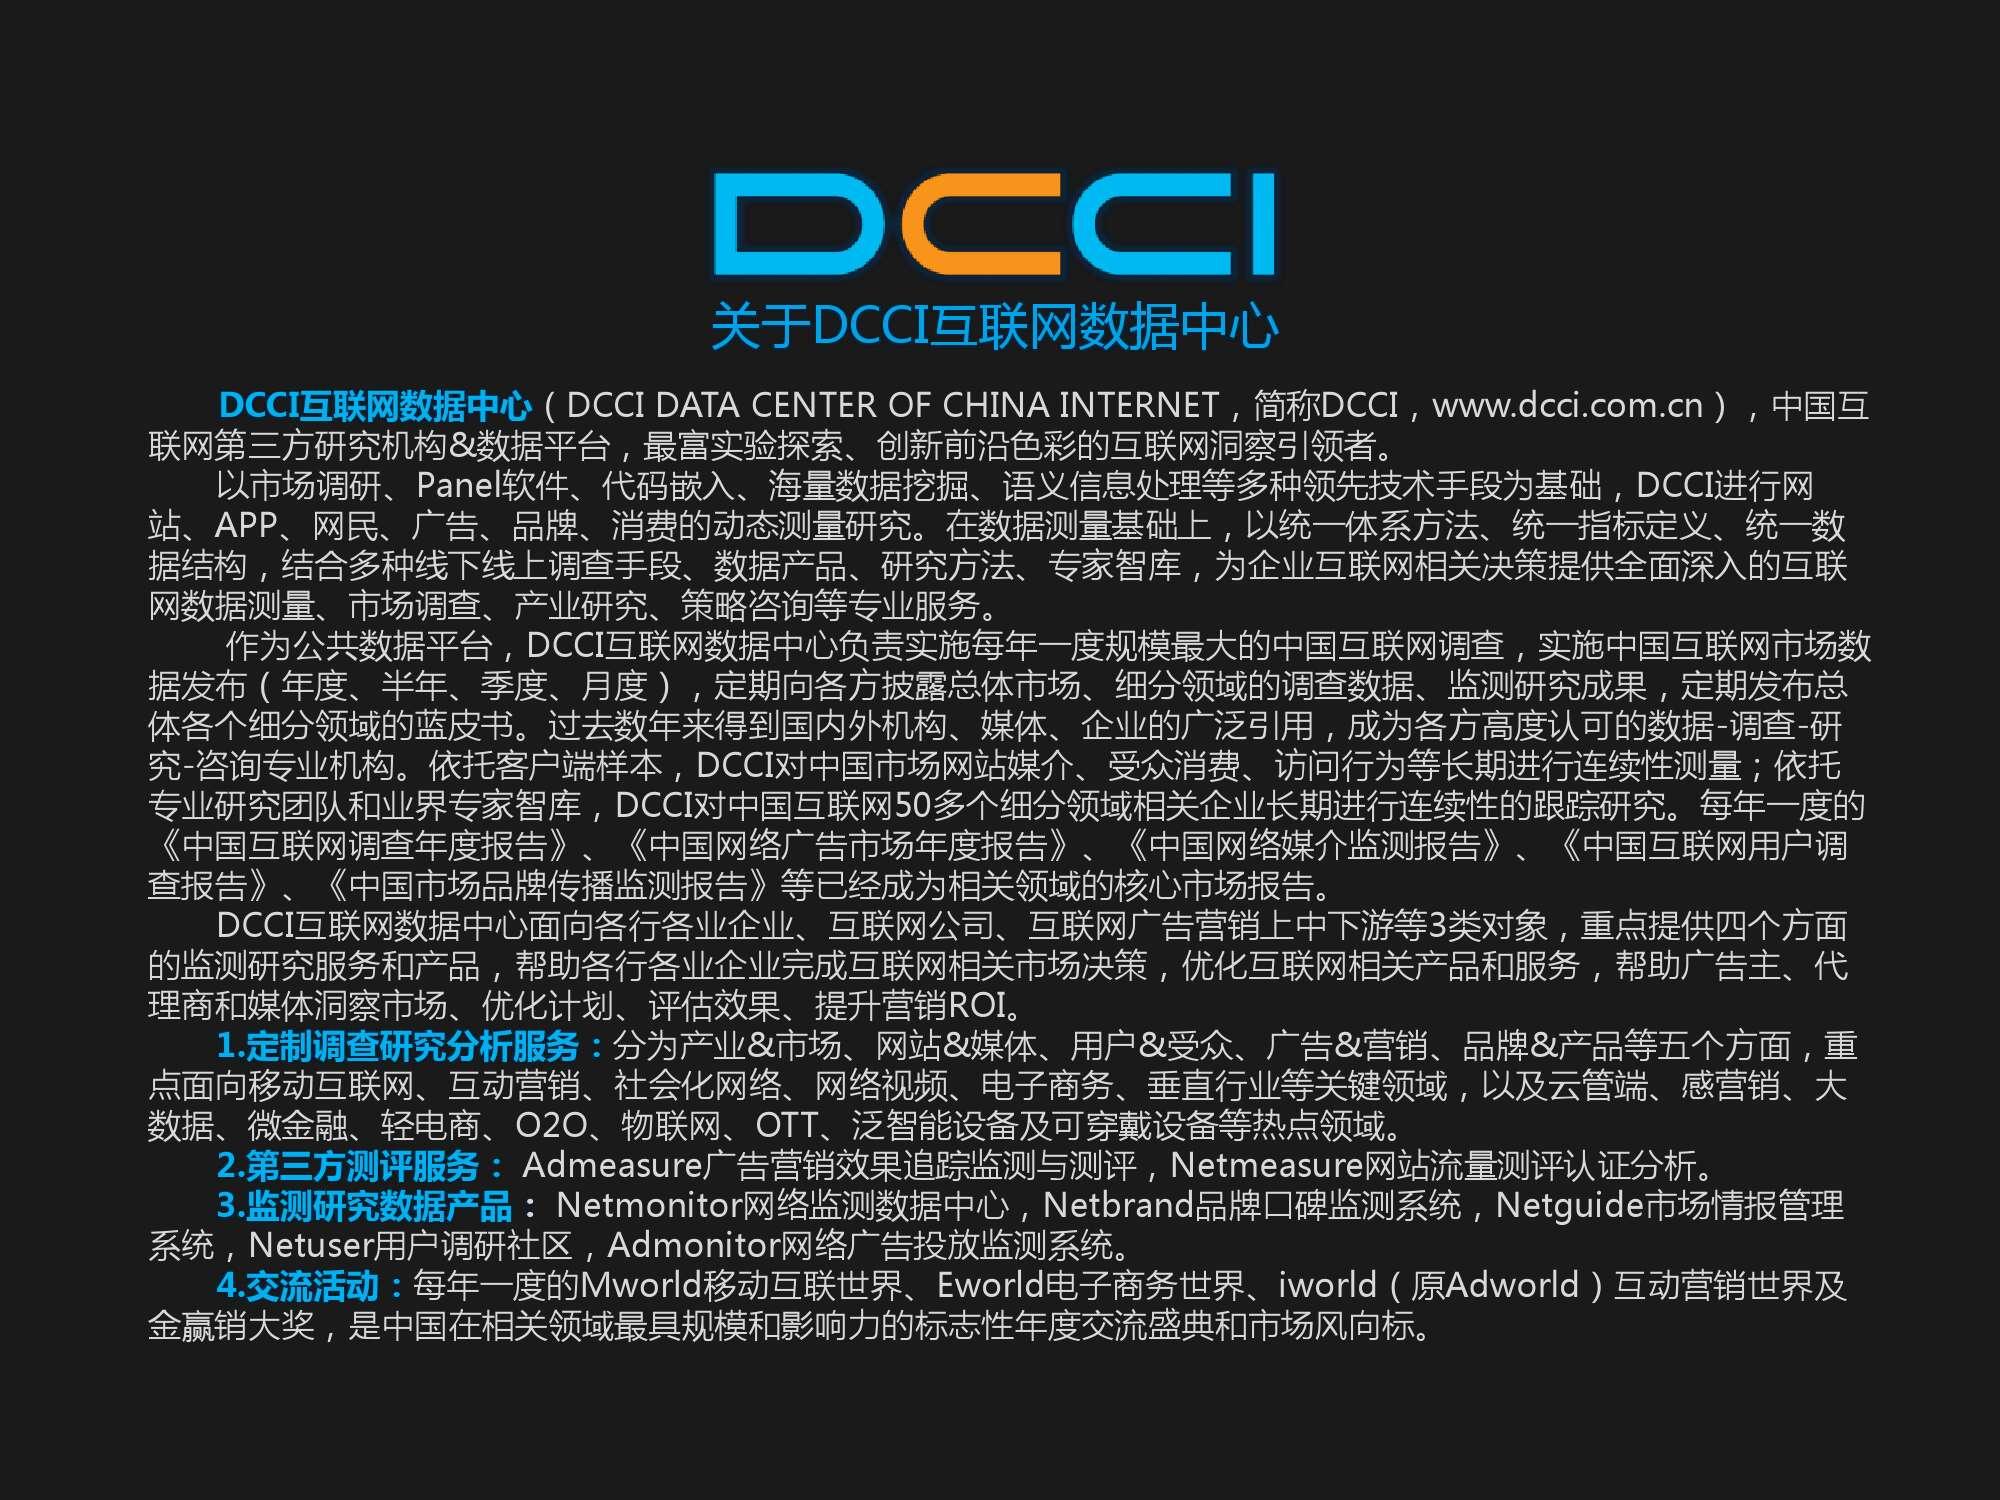 2015中国白领人群网络外卖服务研究报告_000032